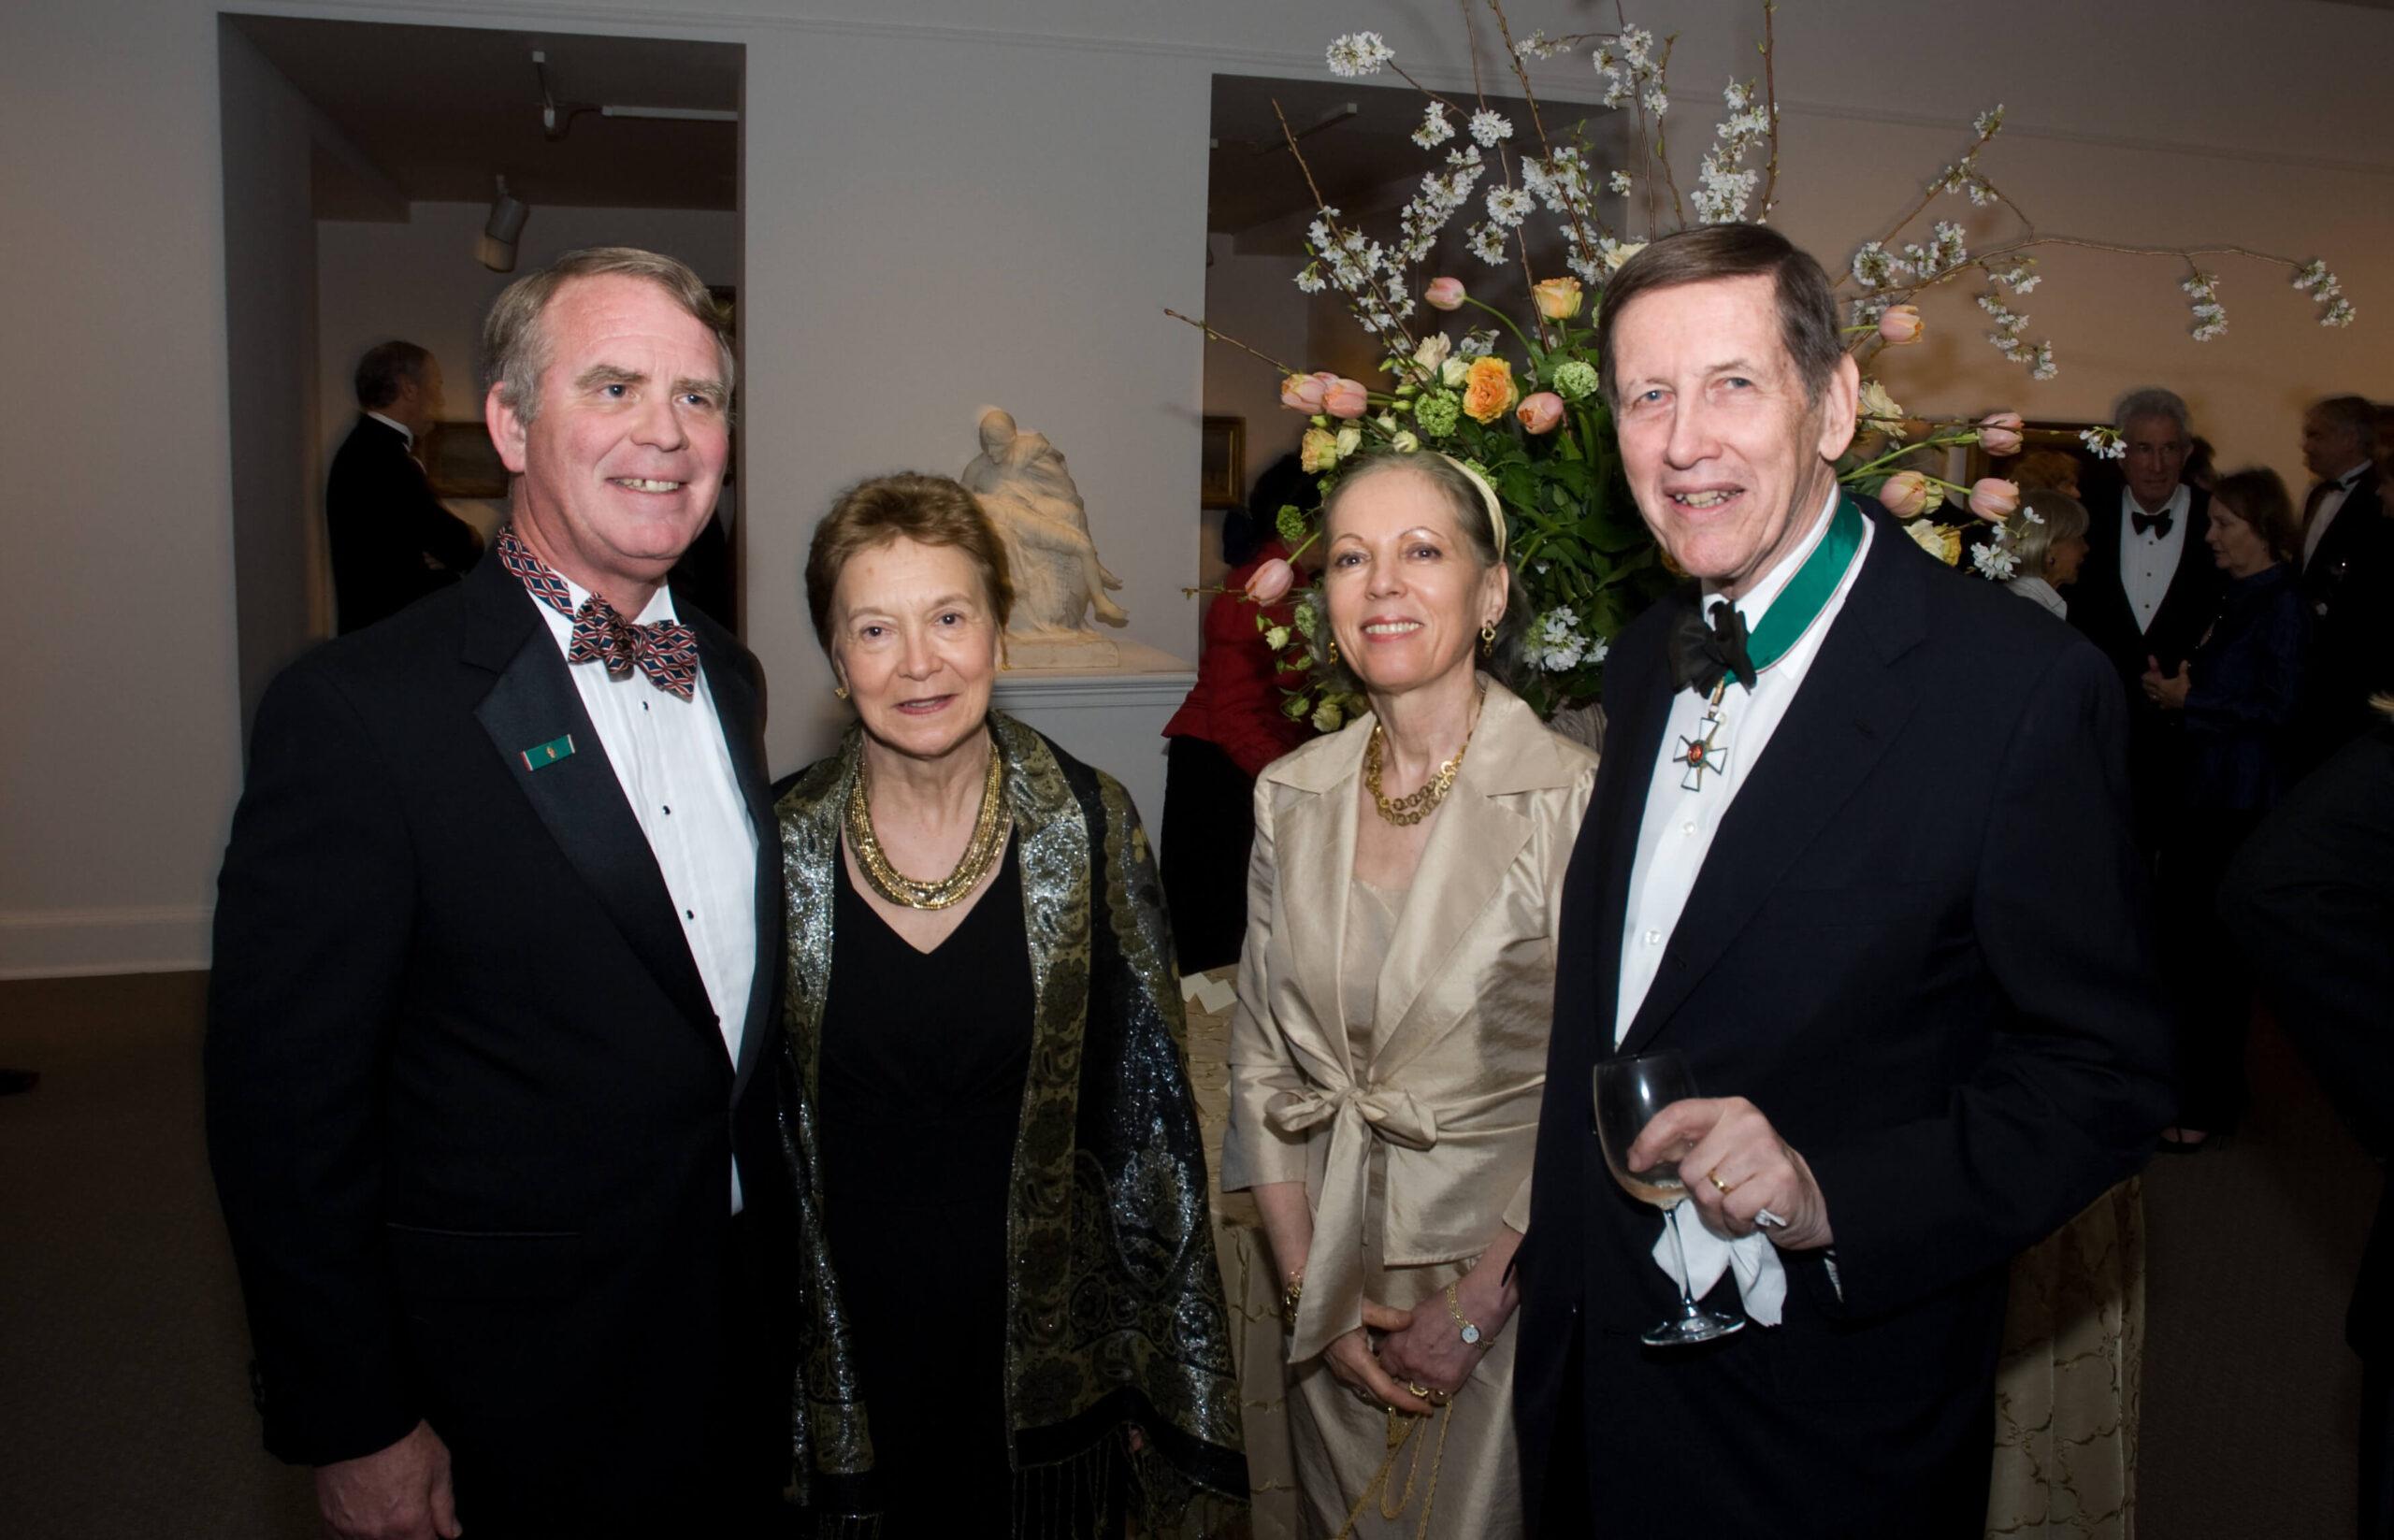 Ambassador Thomas Robertson, Mrs. Antoinette Robertson, Mrs. Anikó Pásztory, Mr. Blaise Pásztory